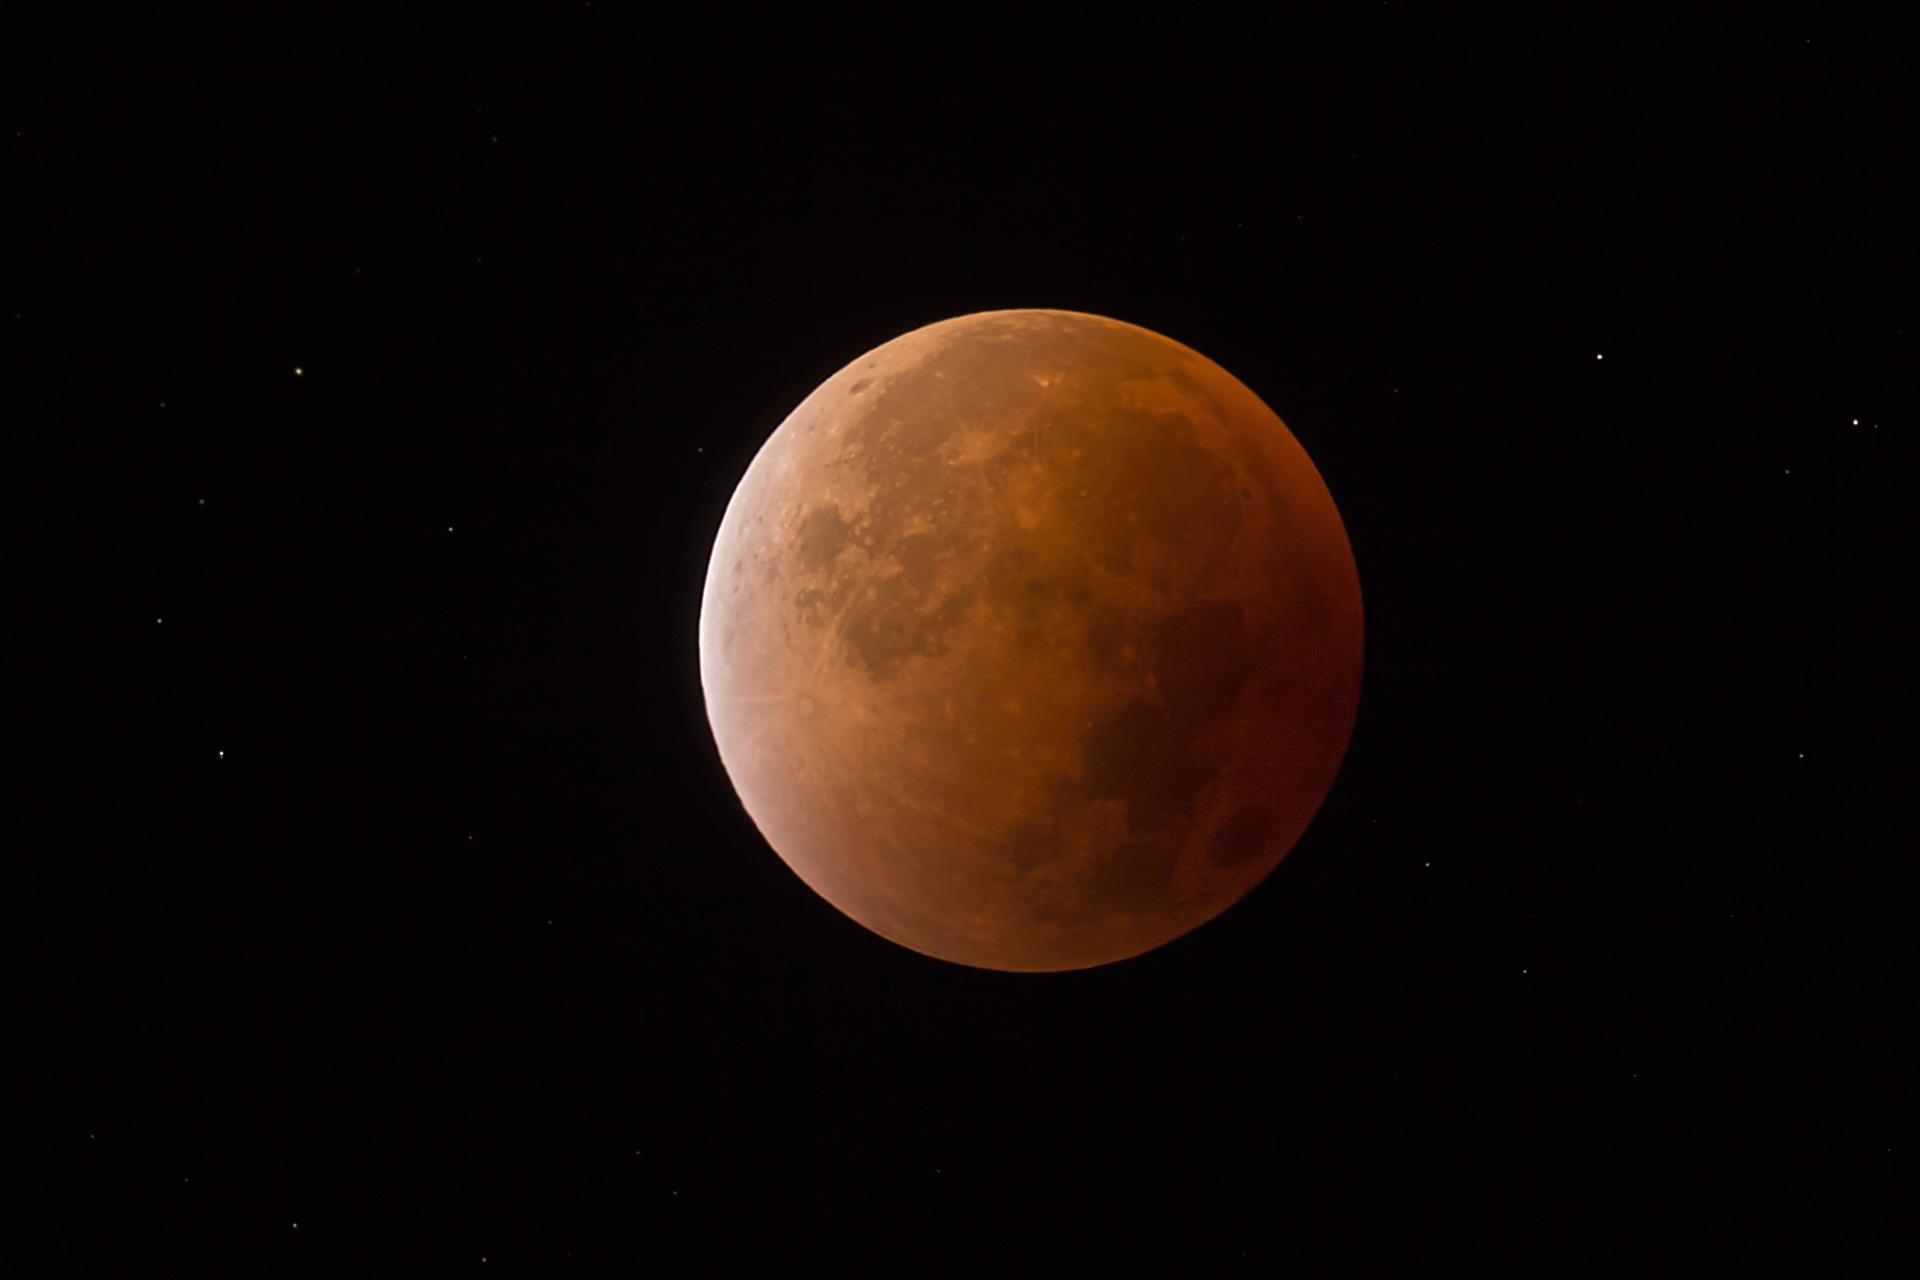 1月31日はスーパー・ブルー・ブラッドムーン(皆既月食)!一眼レフカメラで撮影したい!